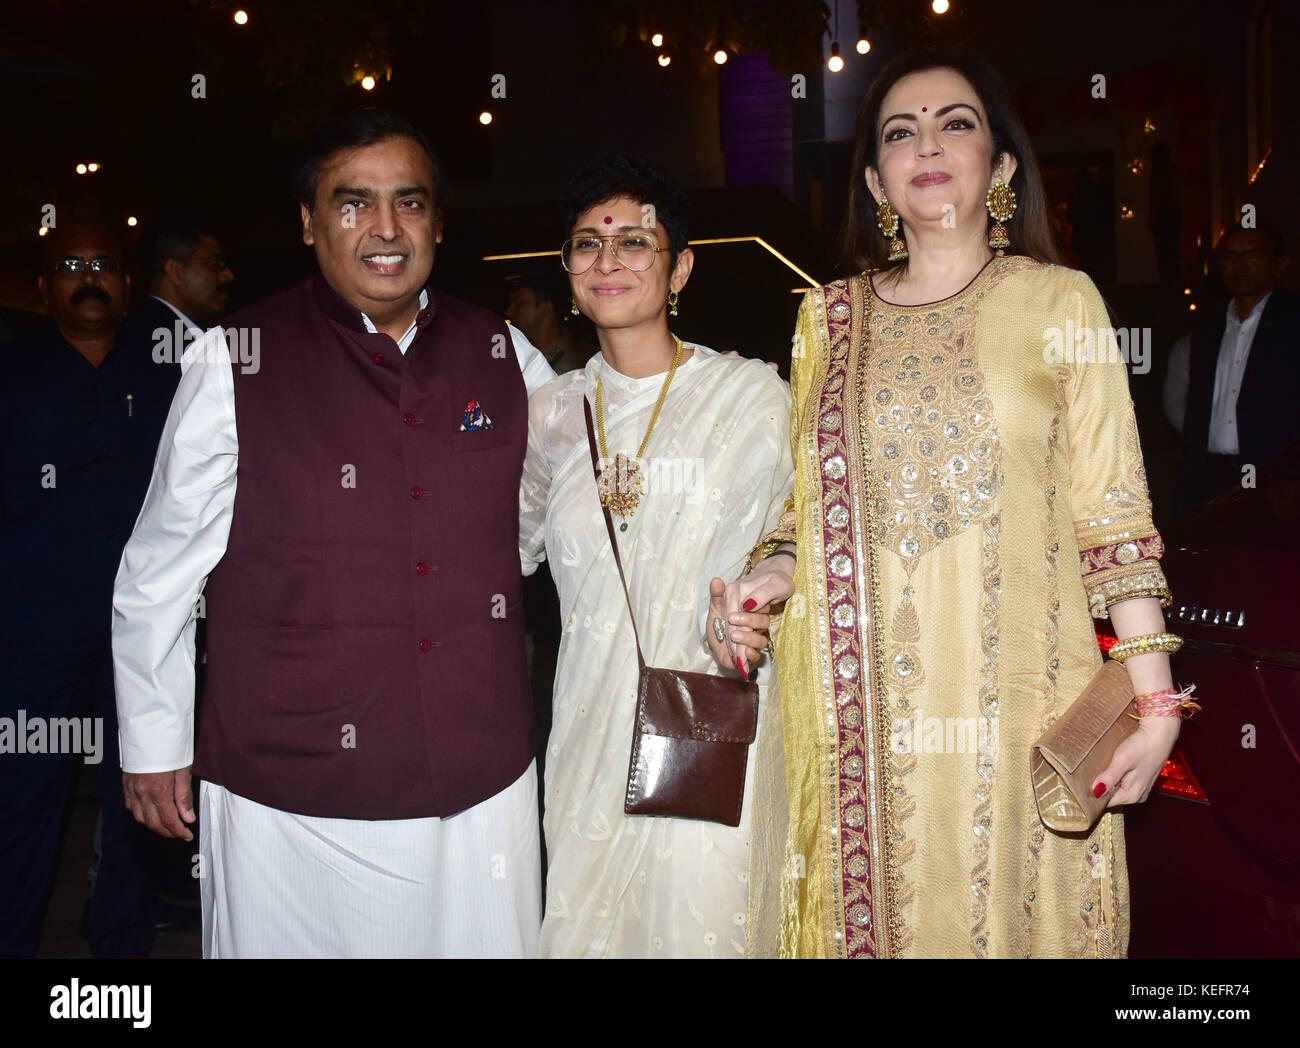 Mumbai, India. 20th Oct, 2017. Indian business Mukesh Ambani Kiran Rao and Nita Ambani attend the Aamir Khan's - Stock Image